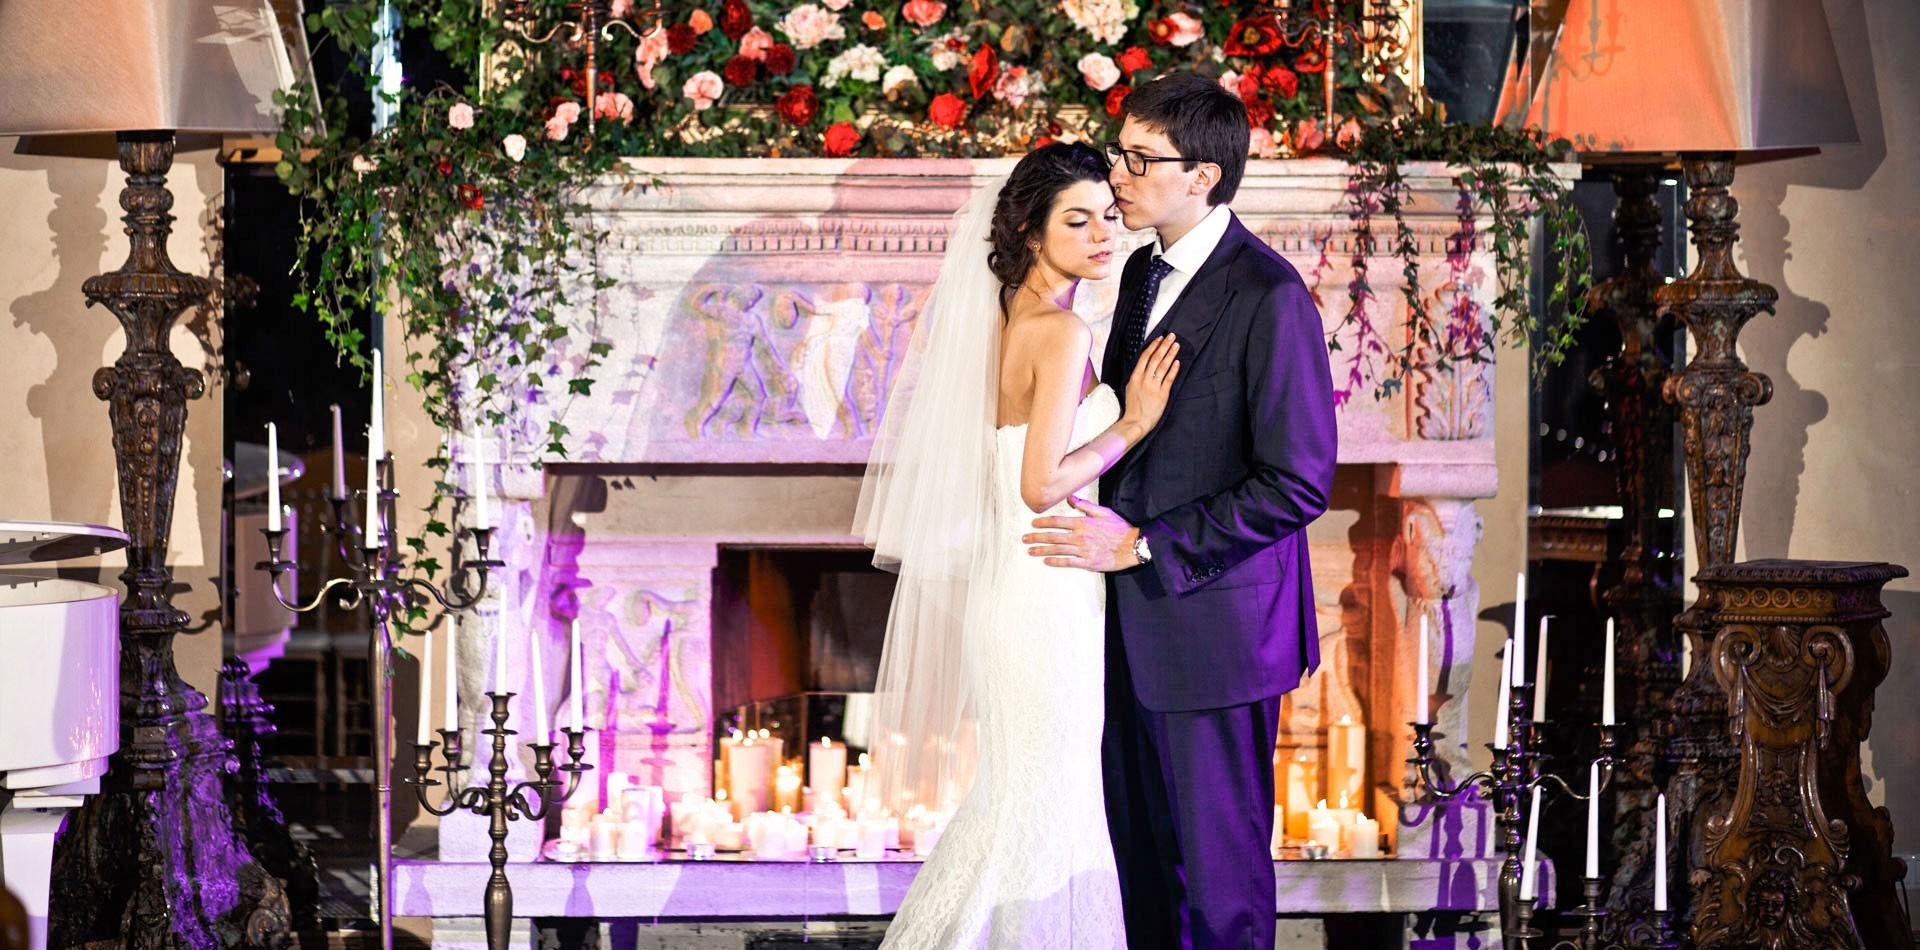 Итальянская усадьба. Свадьба Антона и Ирины фото 10